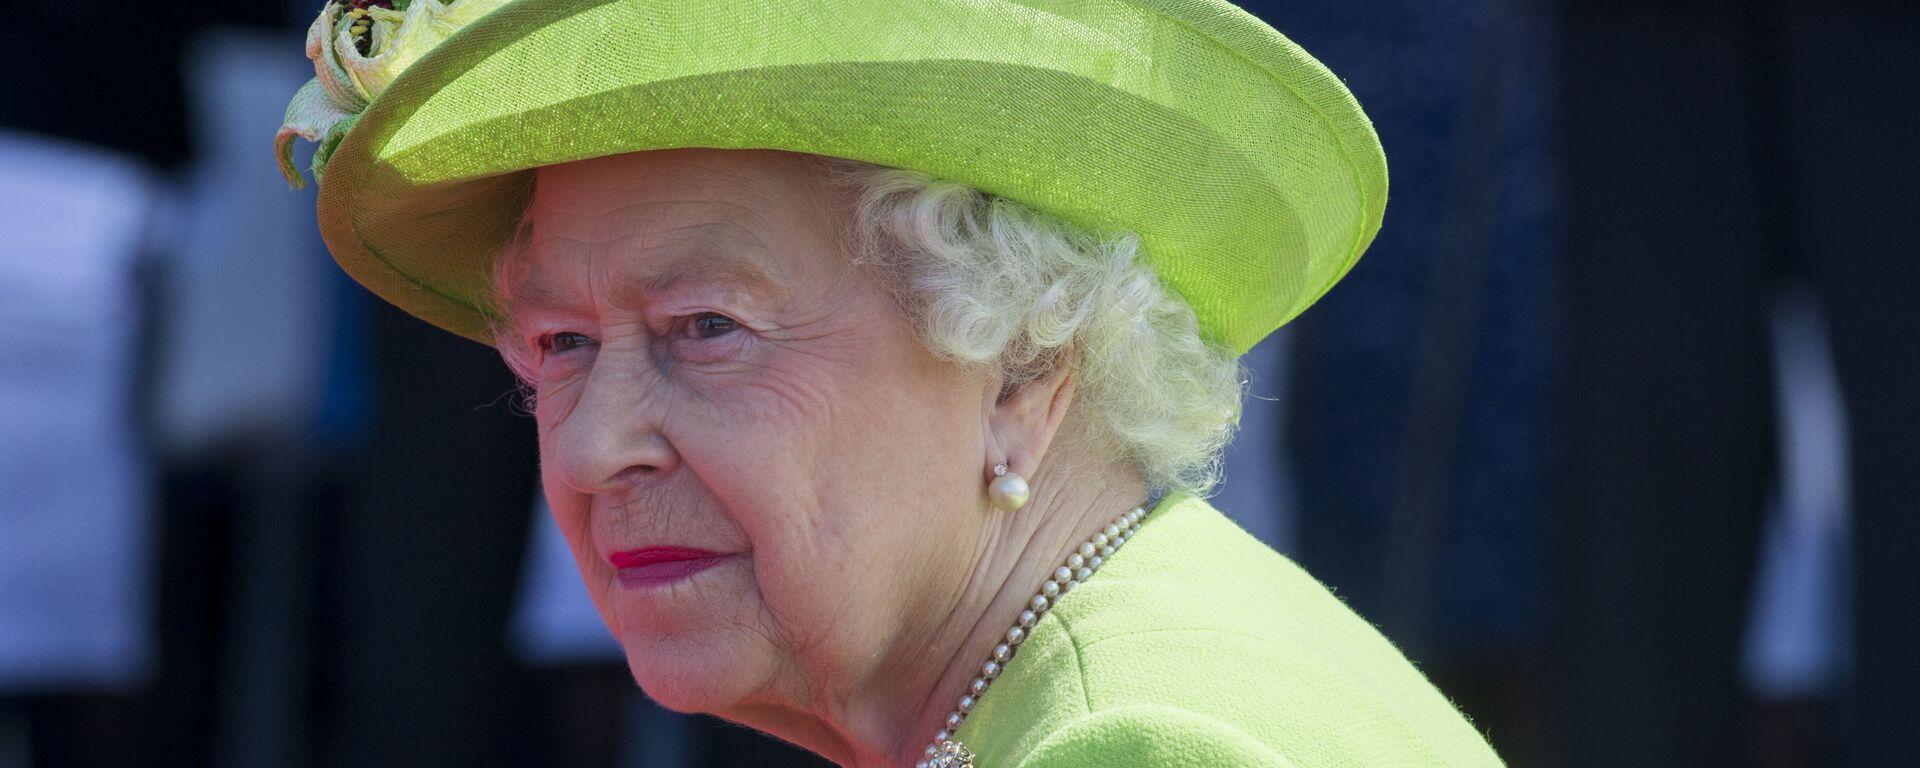 Isabel II, reina de Reino Unido - Sputnik Mundo, 1920, 07.03.2021